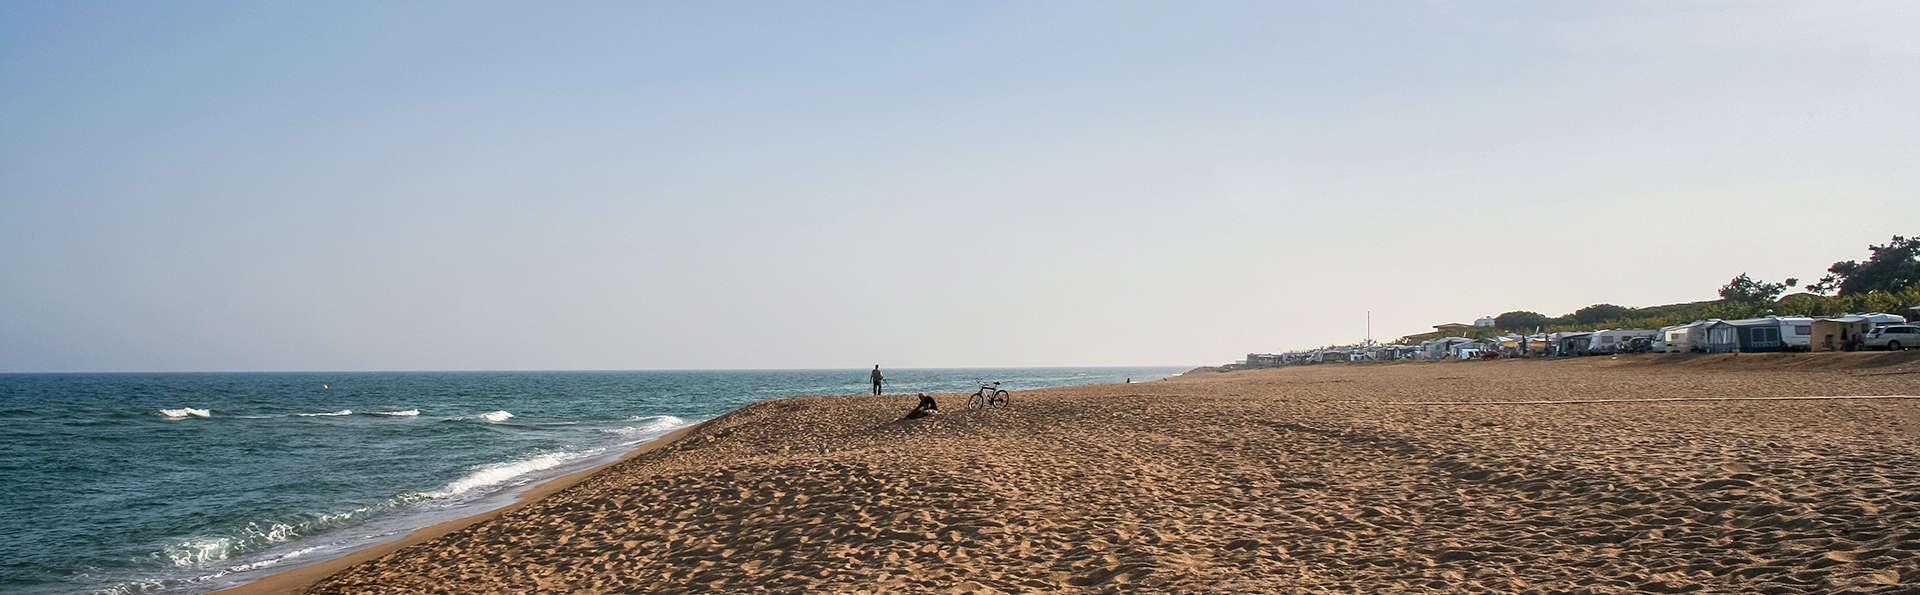 Profitez des plages de Santa Susanna avec toute la famille